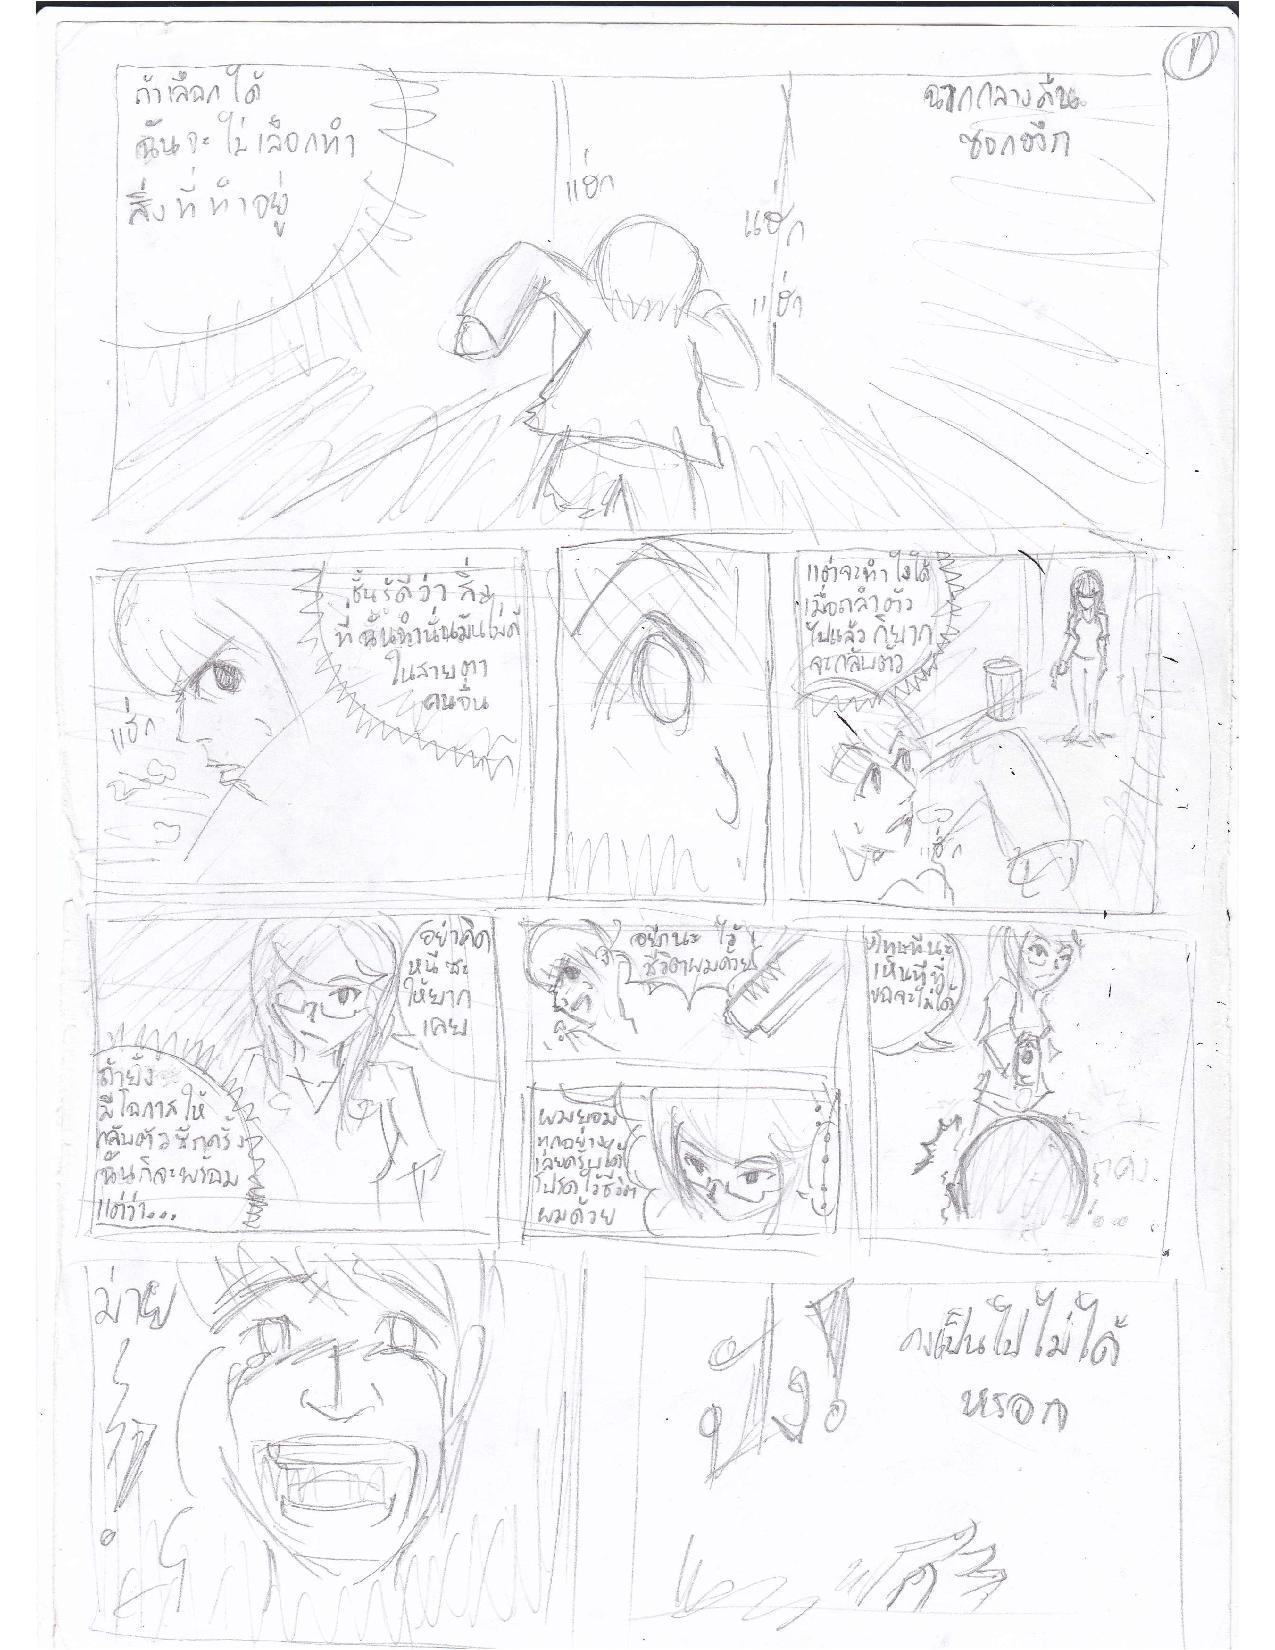 [Story Board-เรื่องสั้น] Beauty of Life(แก้งานครั้งที่ 1 ตอนที่ 1 T^T) Hysk1